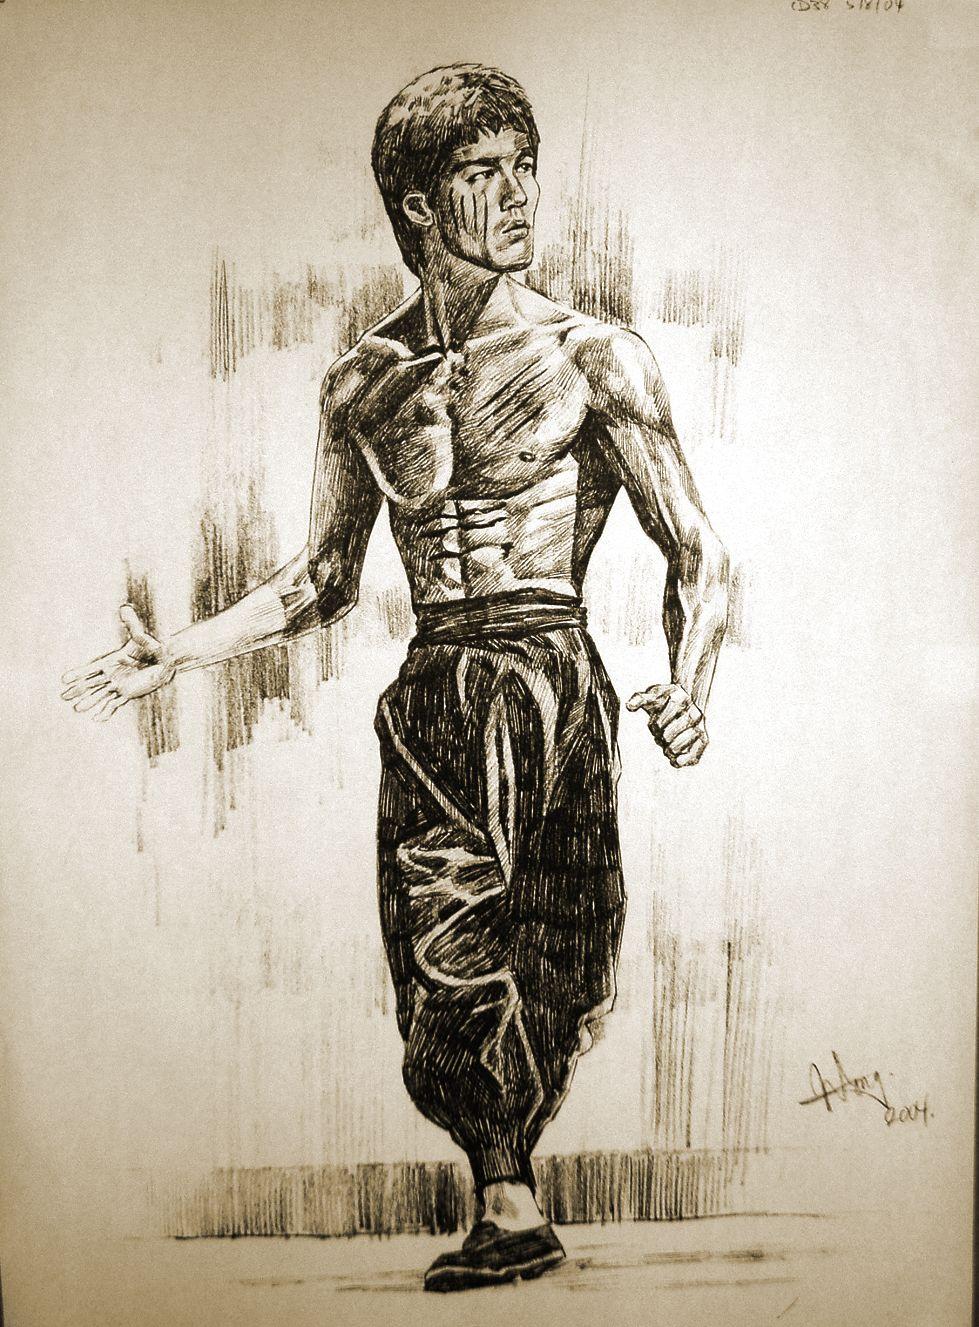 Bruce Lee Bruce Lee Martial Arts Bruce Lee Art Bruce Lee Pictures